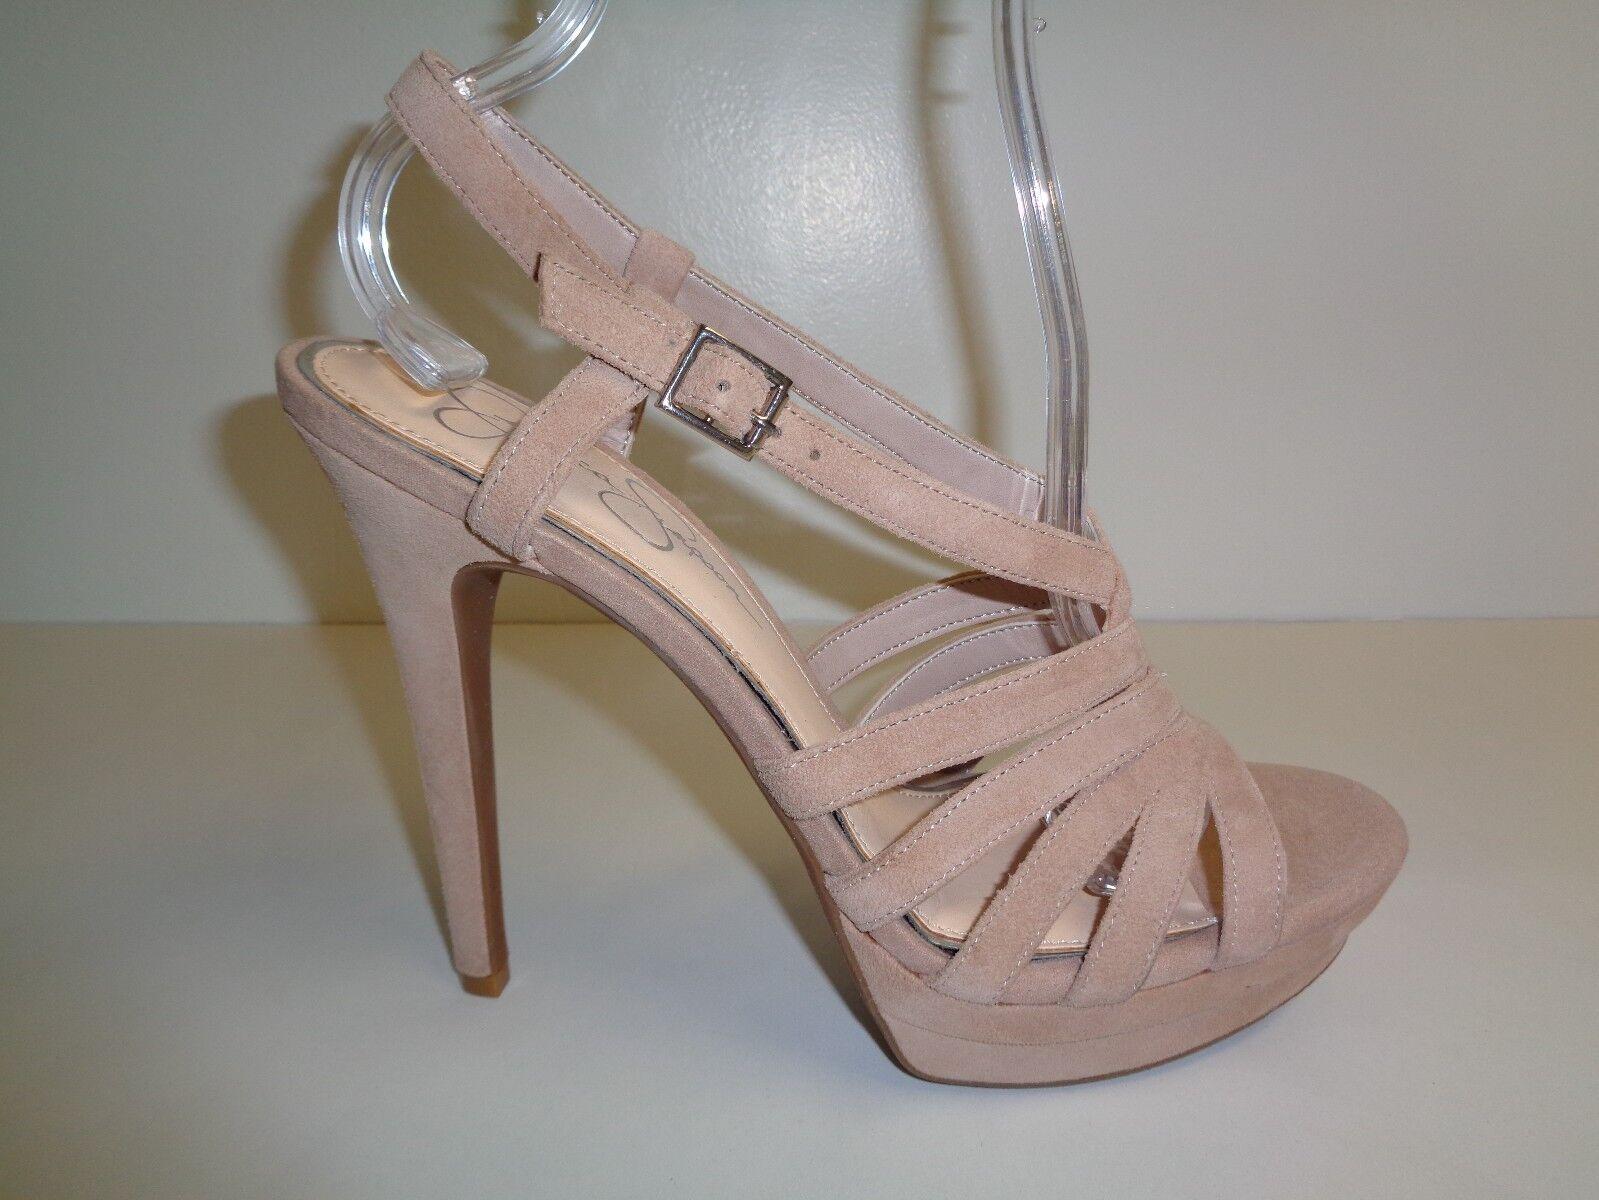 Jessica Simpson Size 10 M PEACE Sandbar Suede Platform Sandals New Womens shoes